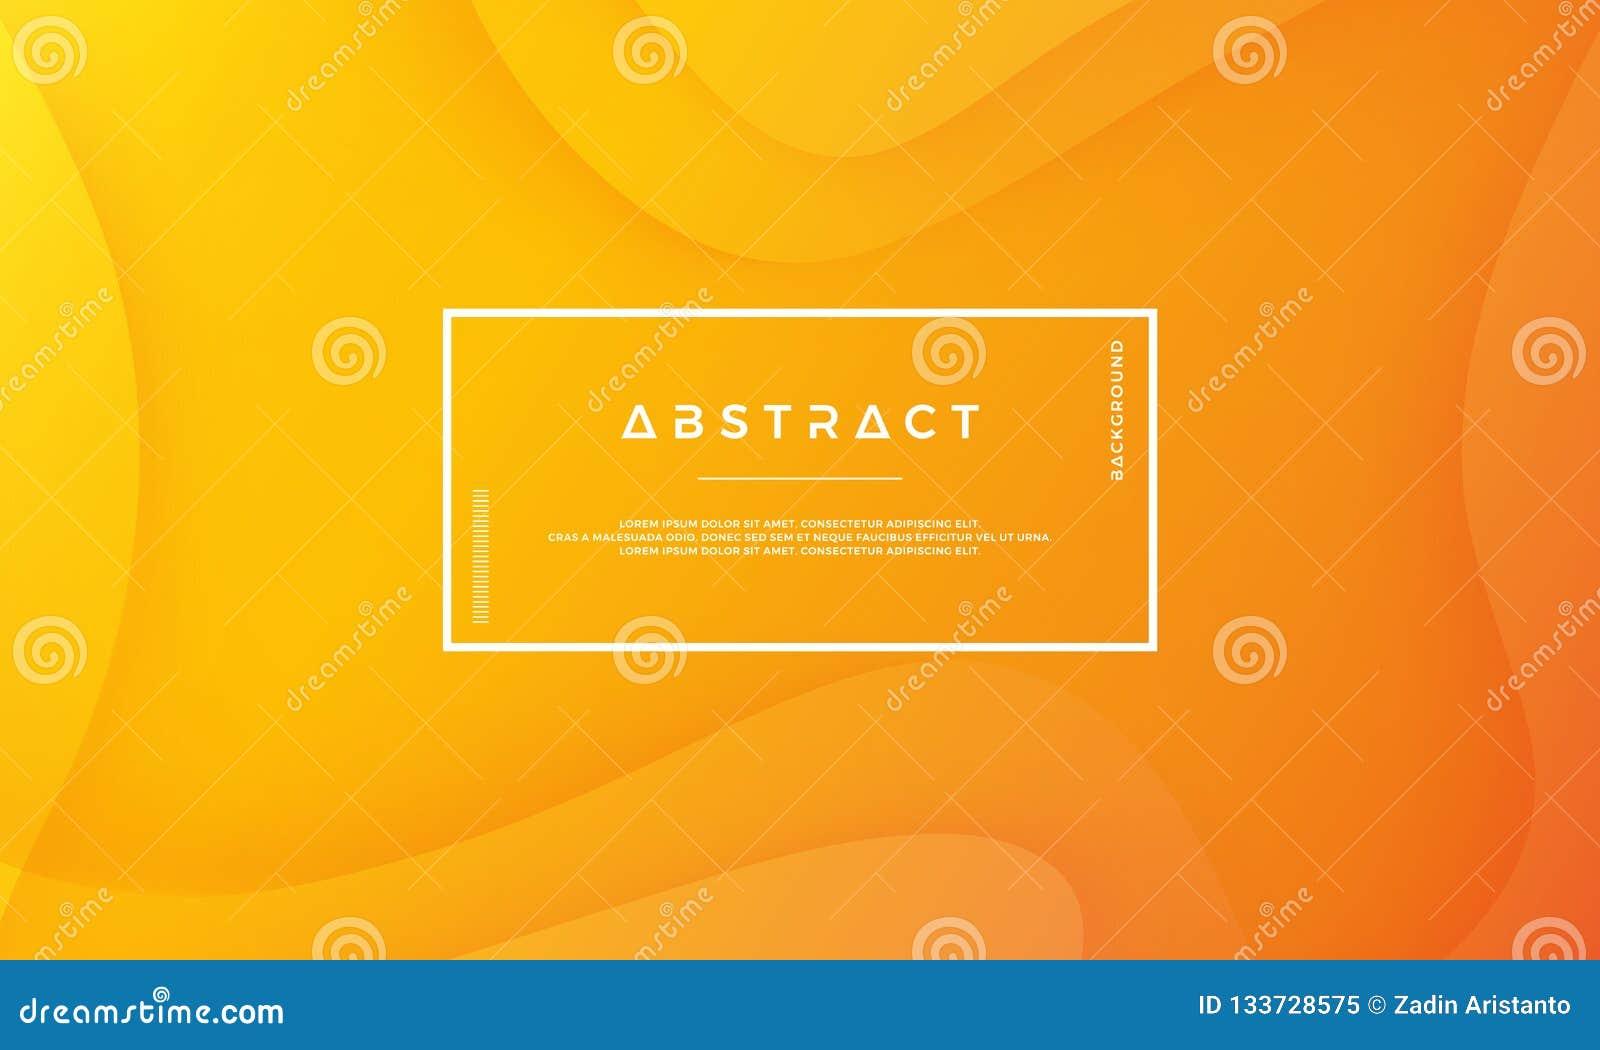 Orange abstrakter Hintergrund ist für Netz, Titel, Abdeckung, Broschüre, Netzfahne und andere passend